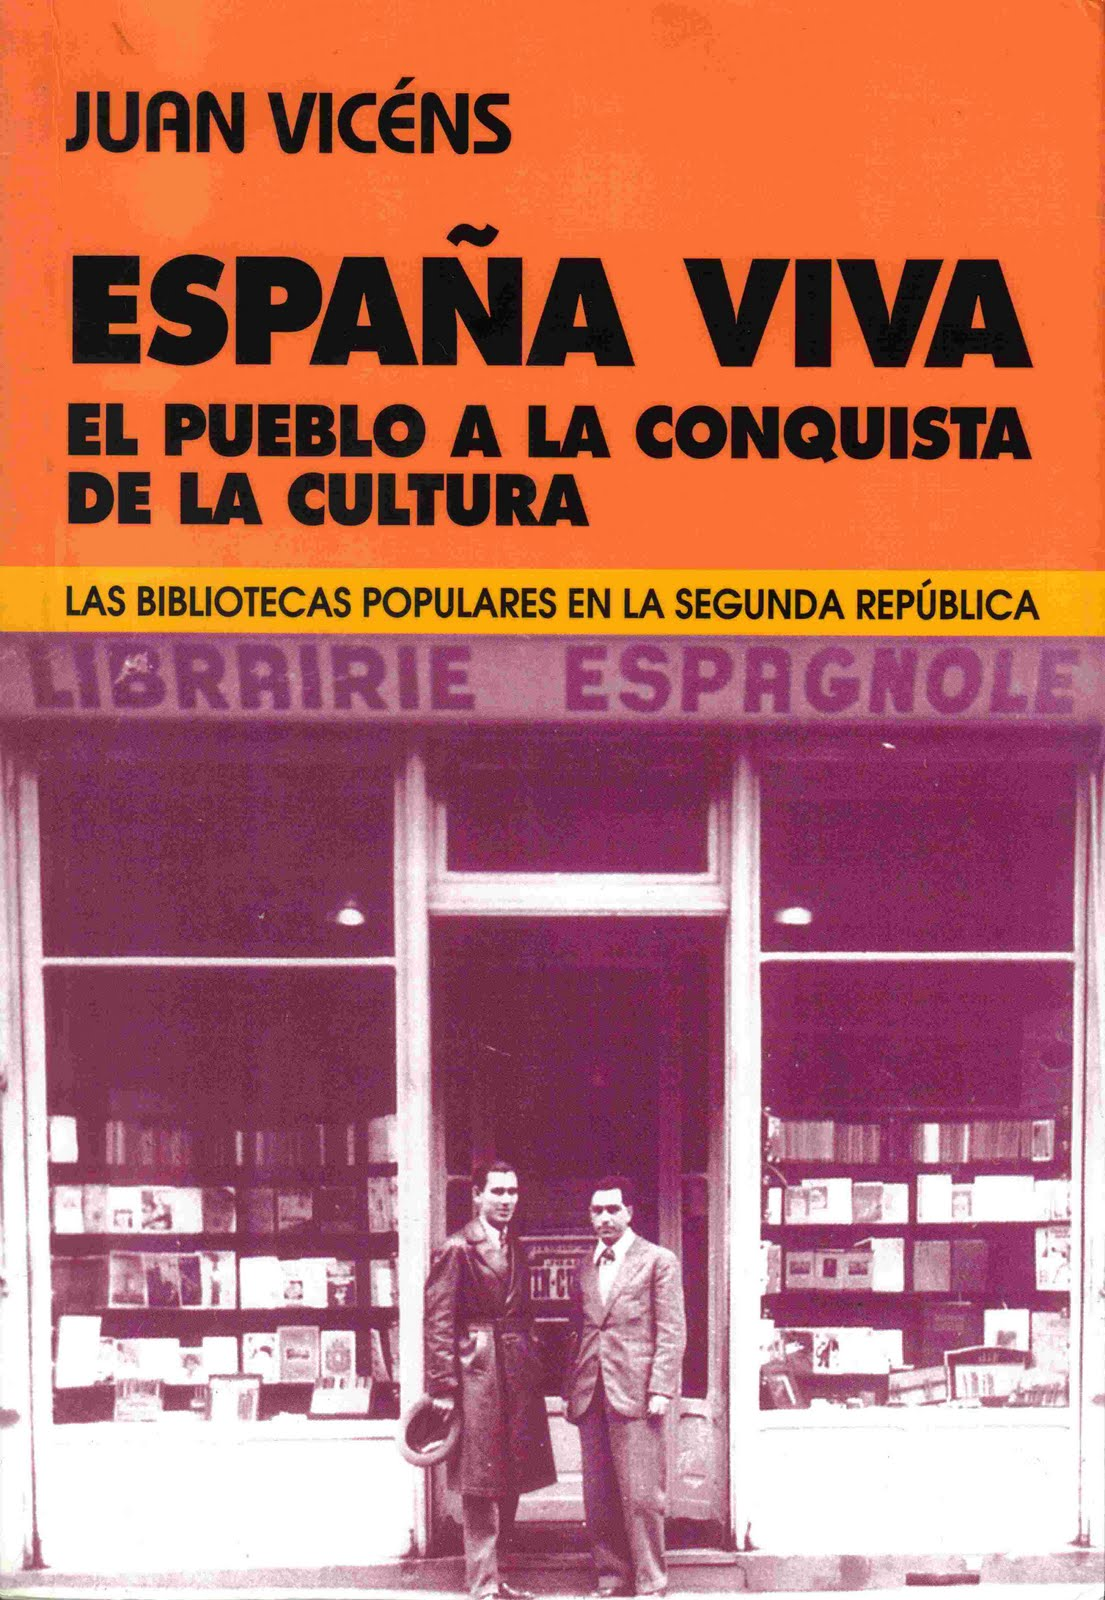 http://4.bp.blogspot.com/_HpJ6dtREK1o/TGb8ODyvvNI/AAAAAAAABSk/Svdvtz2CsIg/s1600/Juan+Vicens.jpg